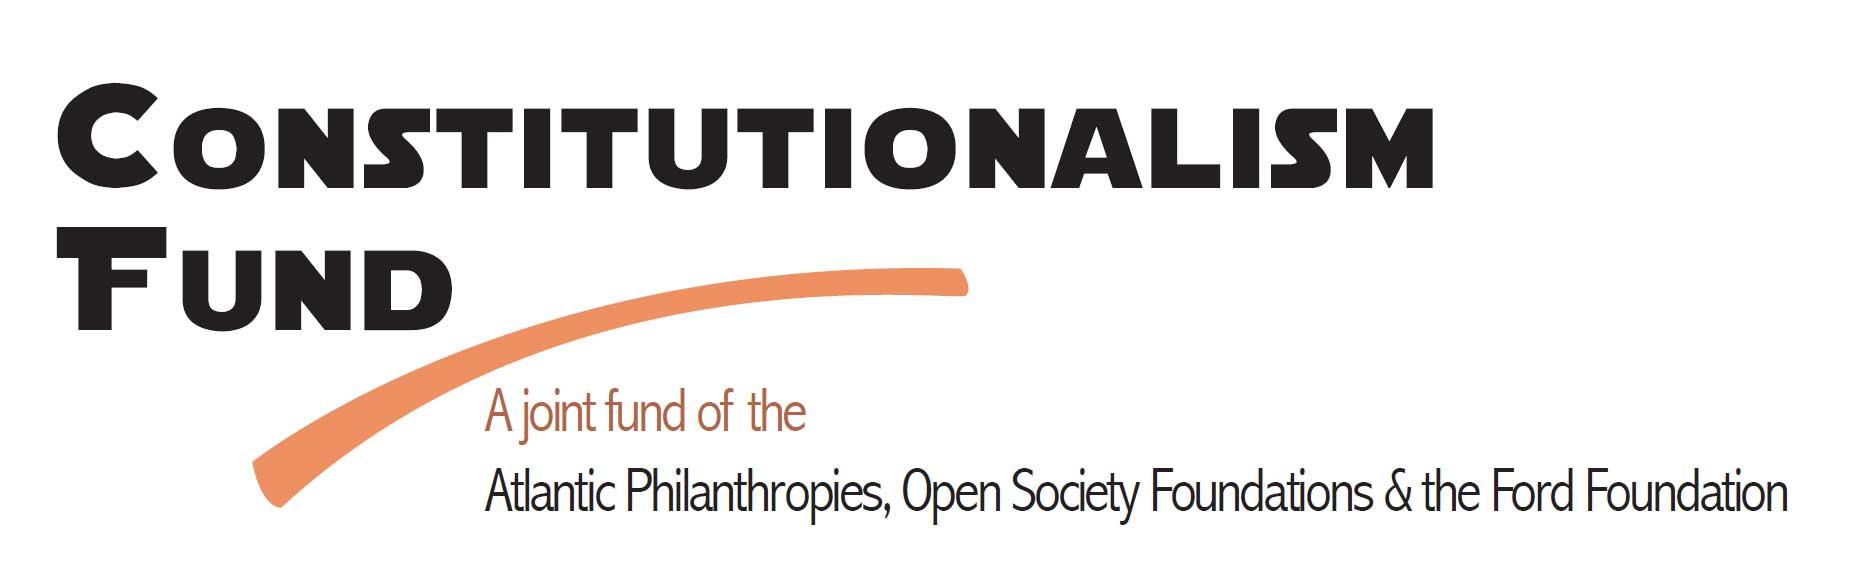 Constitutionalism fund